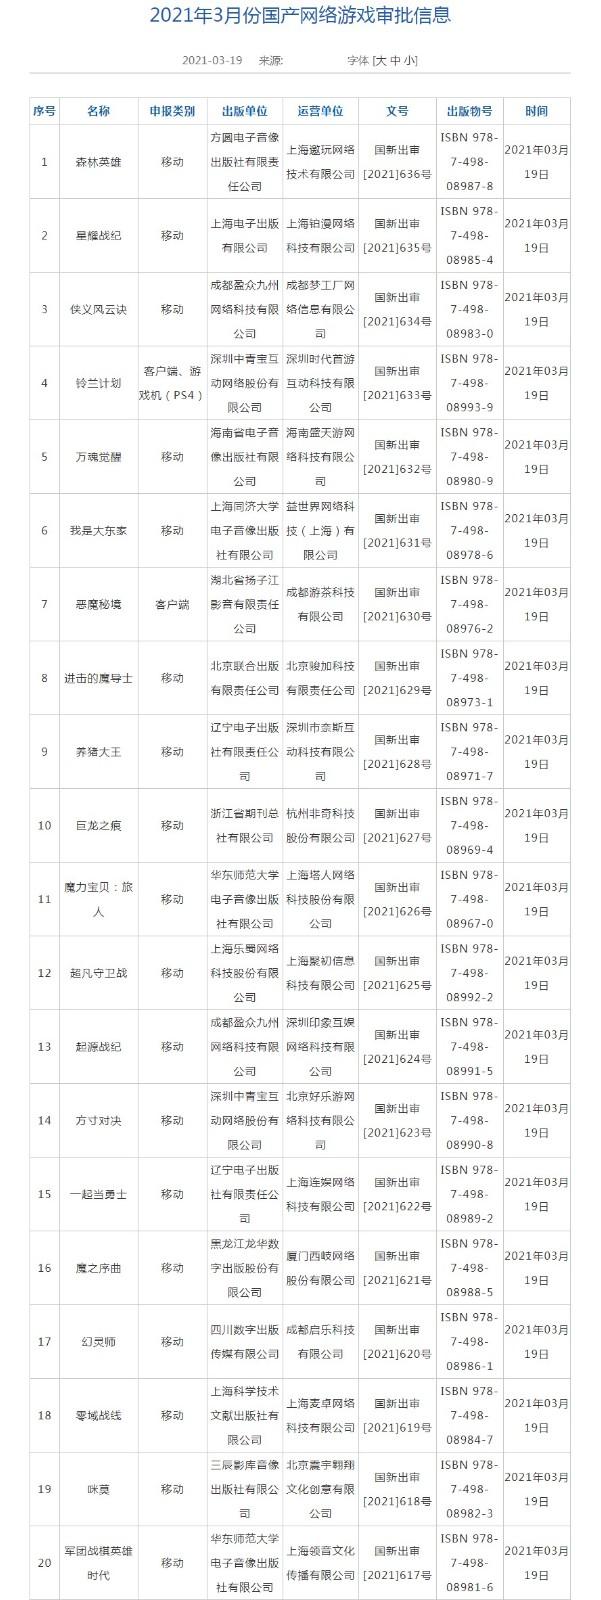 2021年3月份第二批版号出炉 《铃兰计划》过审